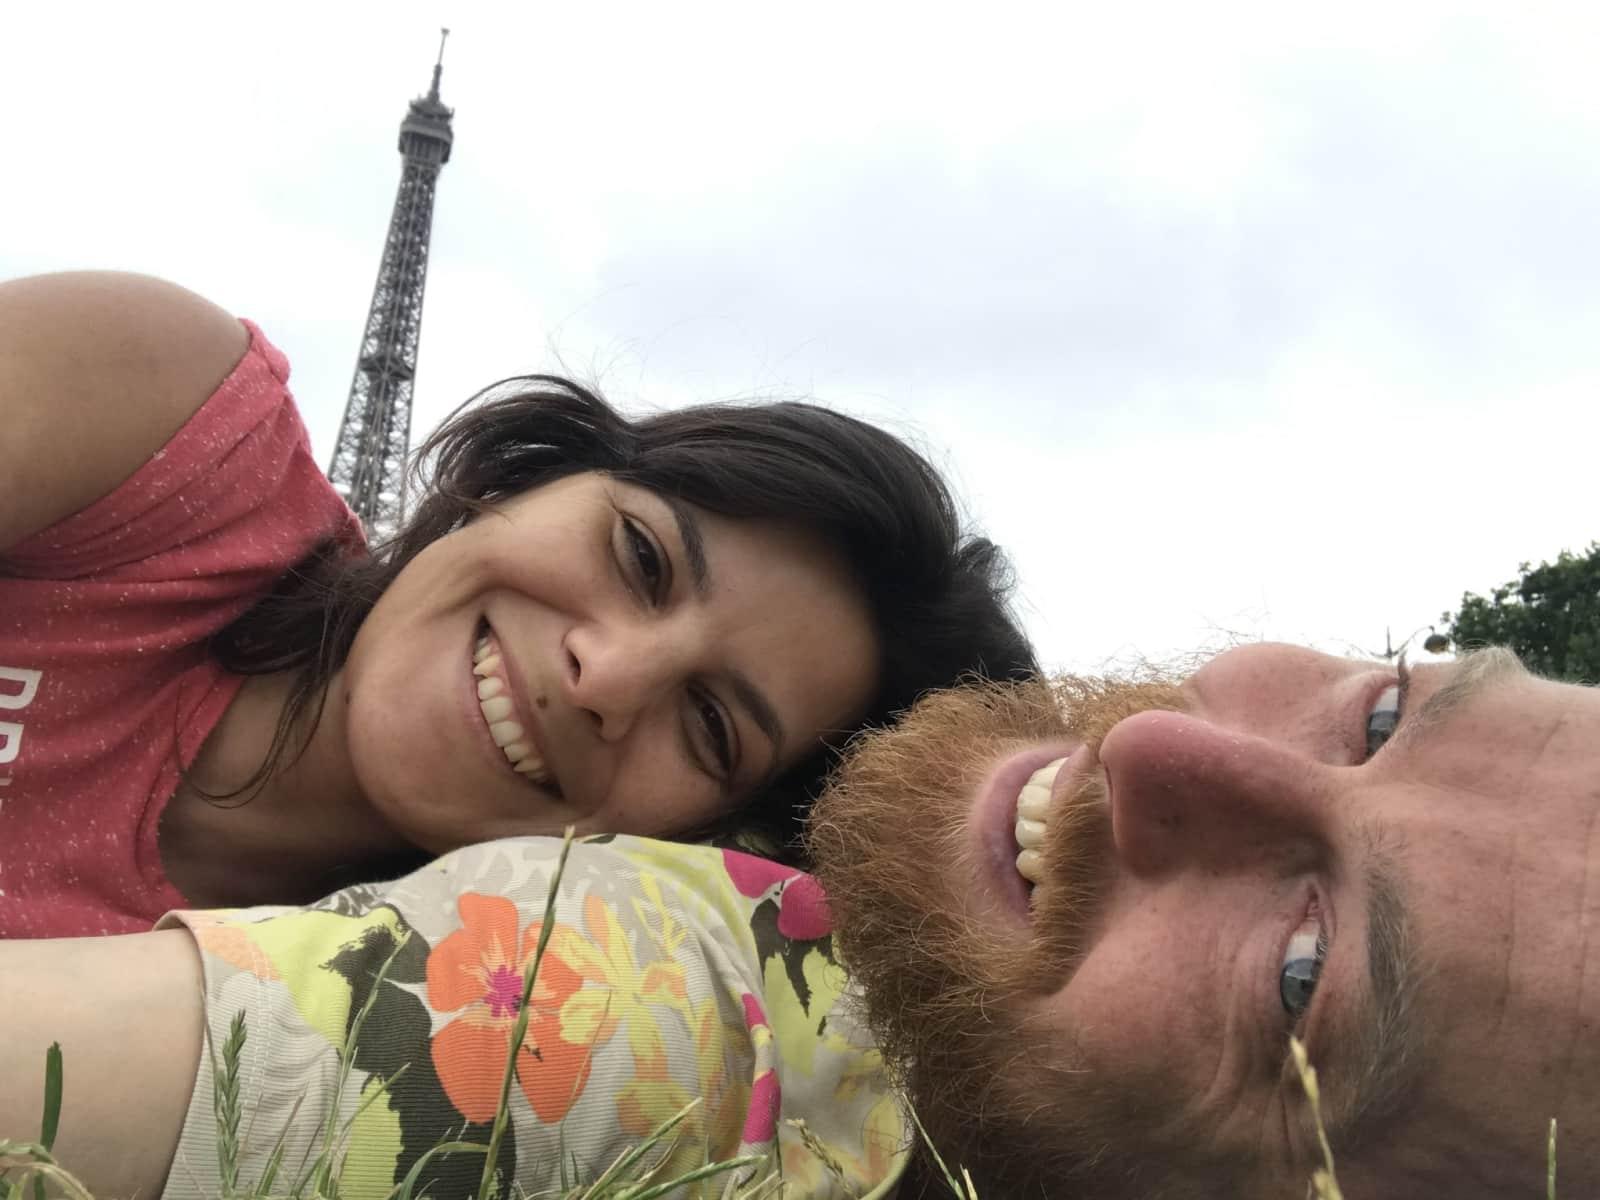 Mariana & Fabian from Porto, Portugal